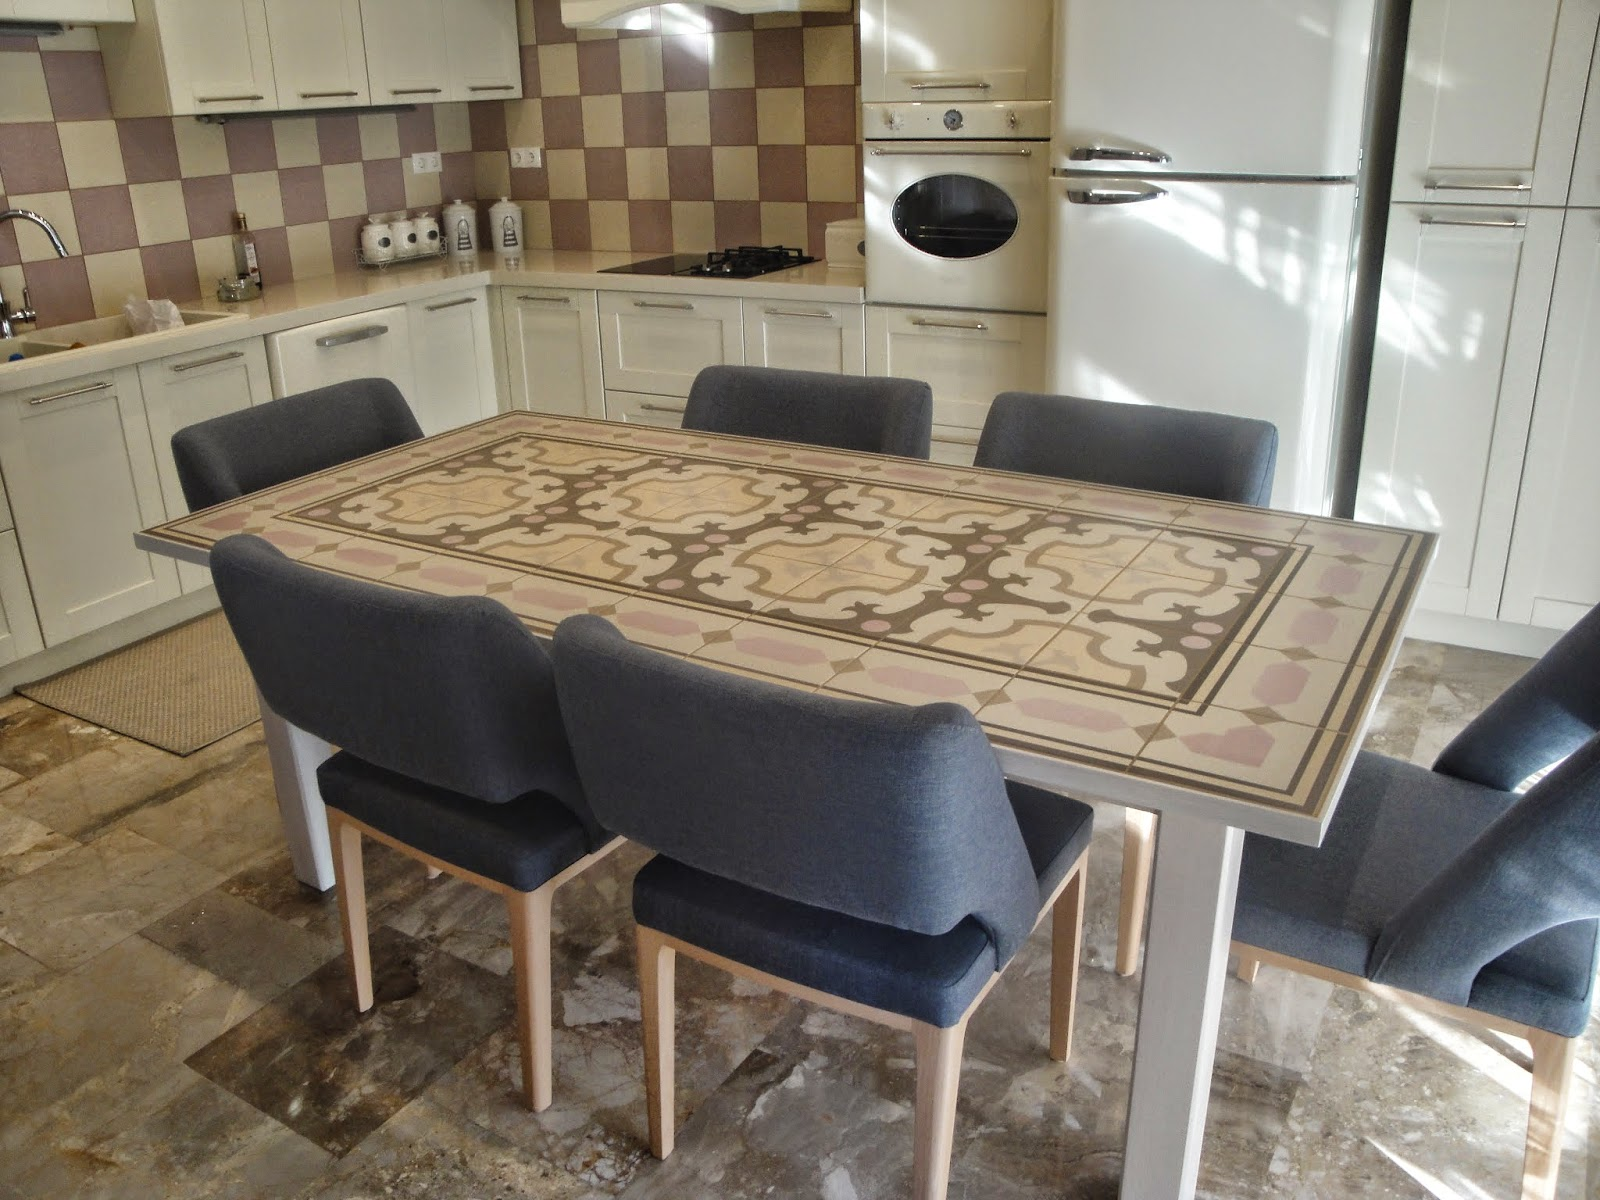 (Κωδ: 1008) Τραπέζι για την οικογένεια αλλά και τους φίλους. Από μασίφ ξυλεία και επιφάνεια πλακάκι της ίδιας σειράς με τον τοίχο.